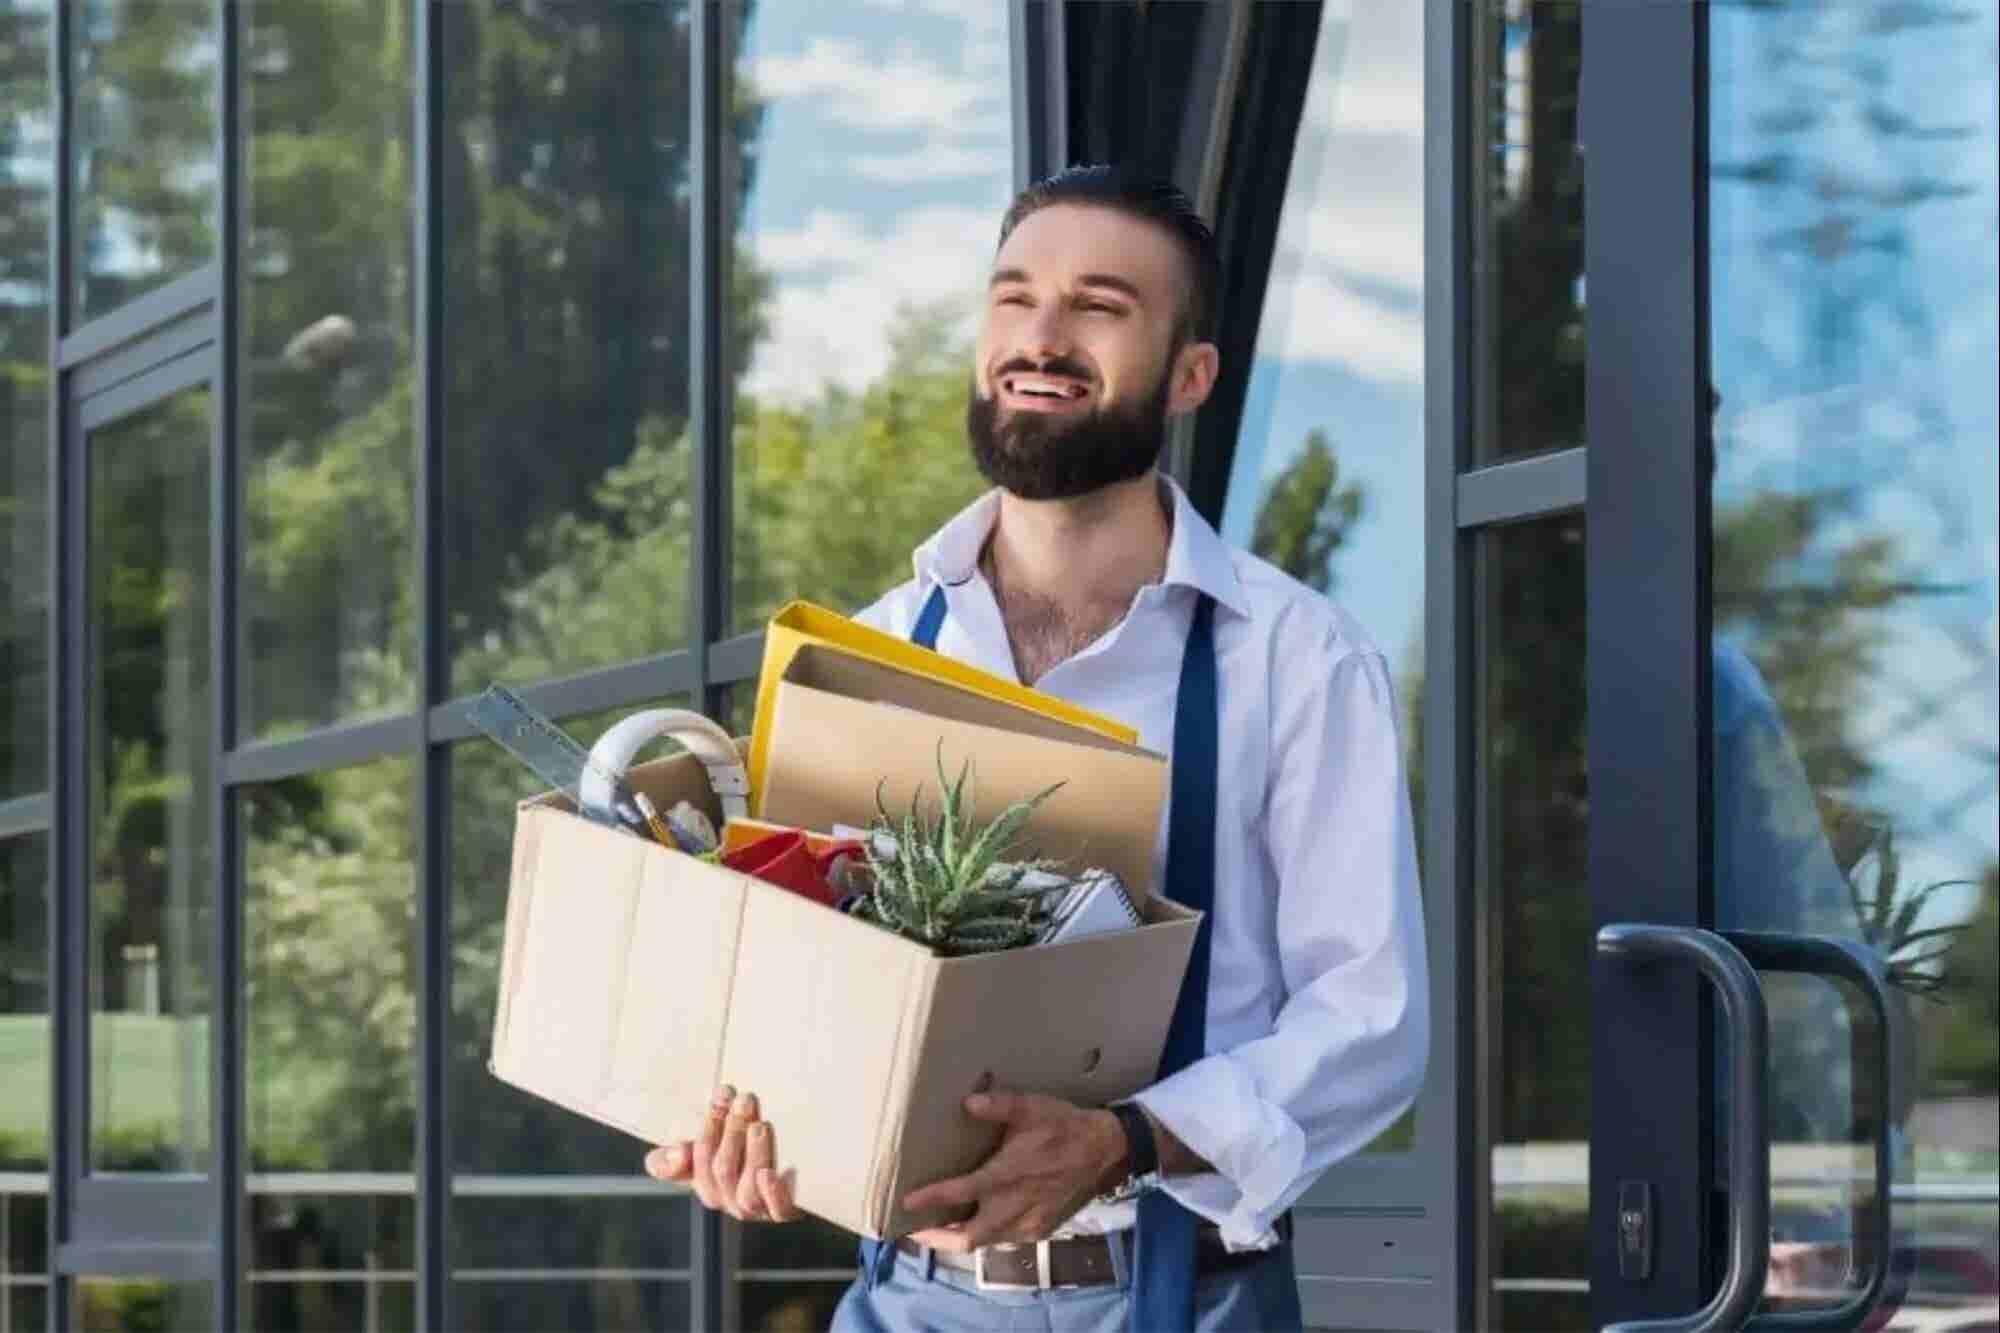 ¿Estás listo para renunciar a tu trabajo? 12 señales que lo demuestran